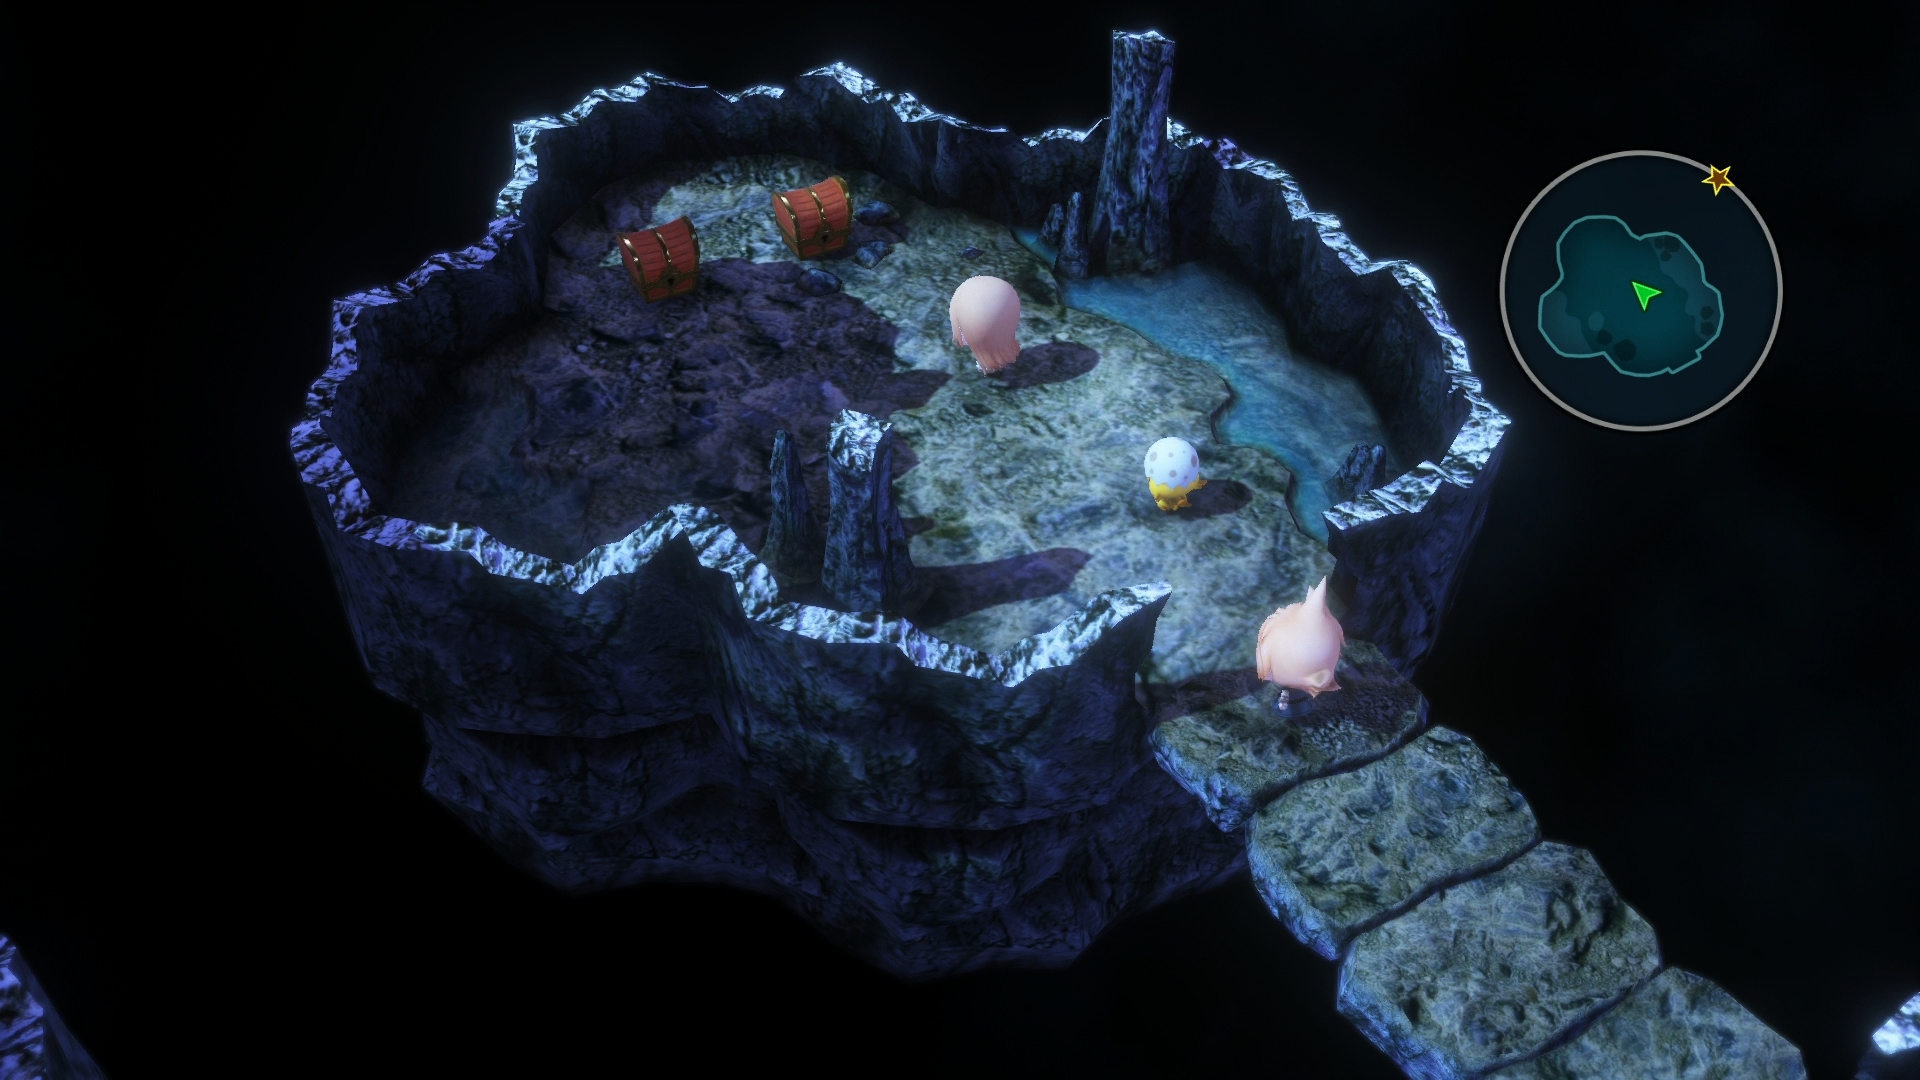 World of Final Fantasy vypadá na obrázcích pohádkově 130363